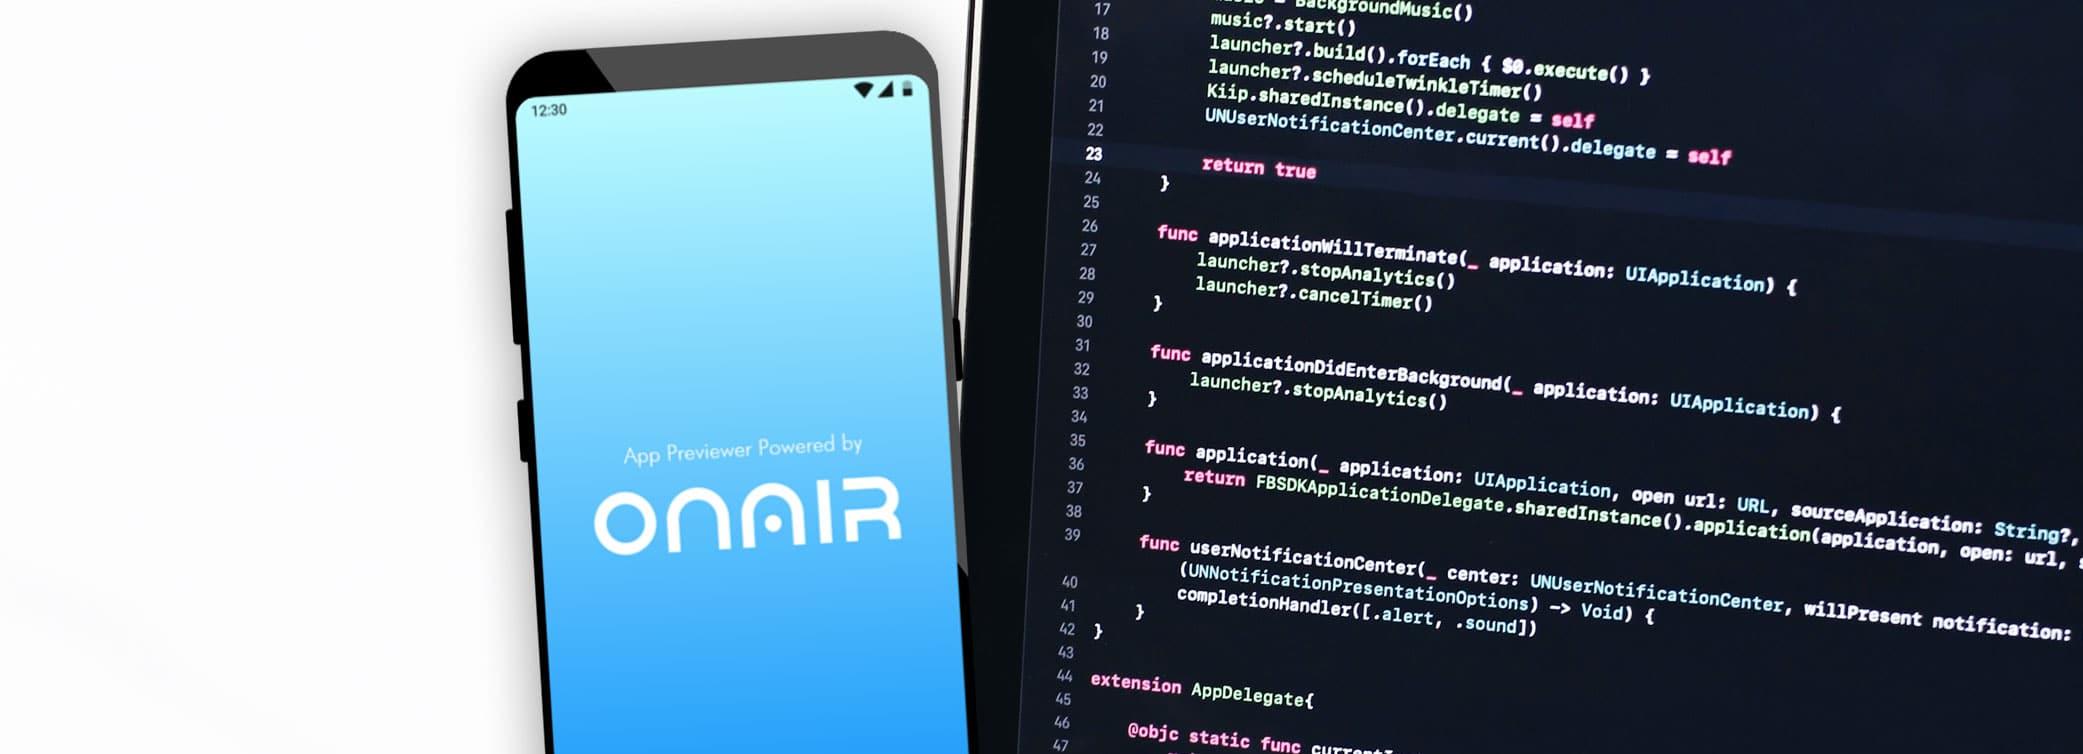 ON AIR Appbuilder - App Programmieren lassen